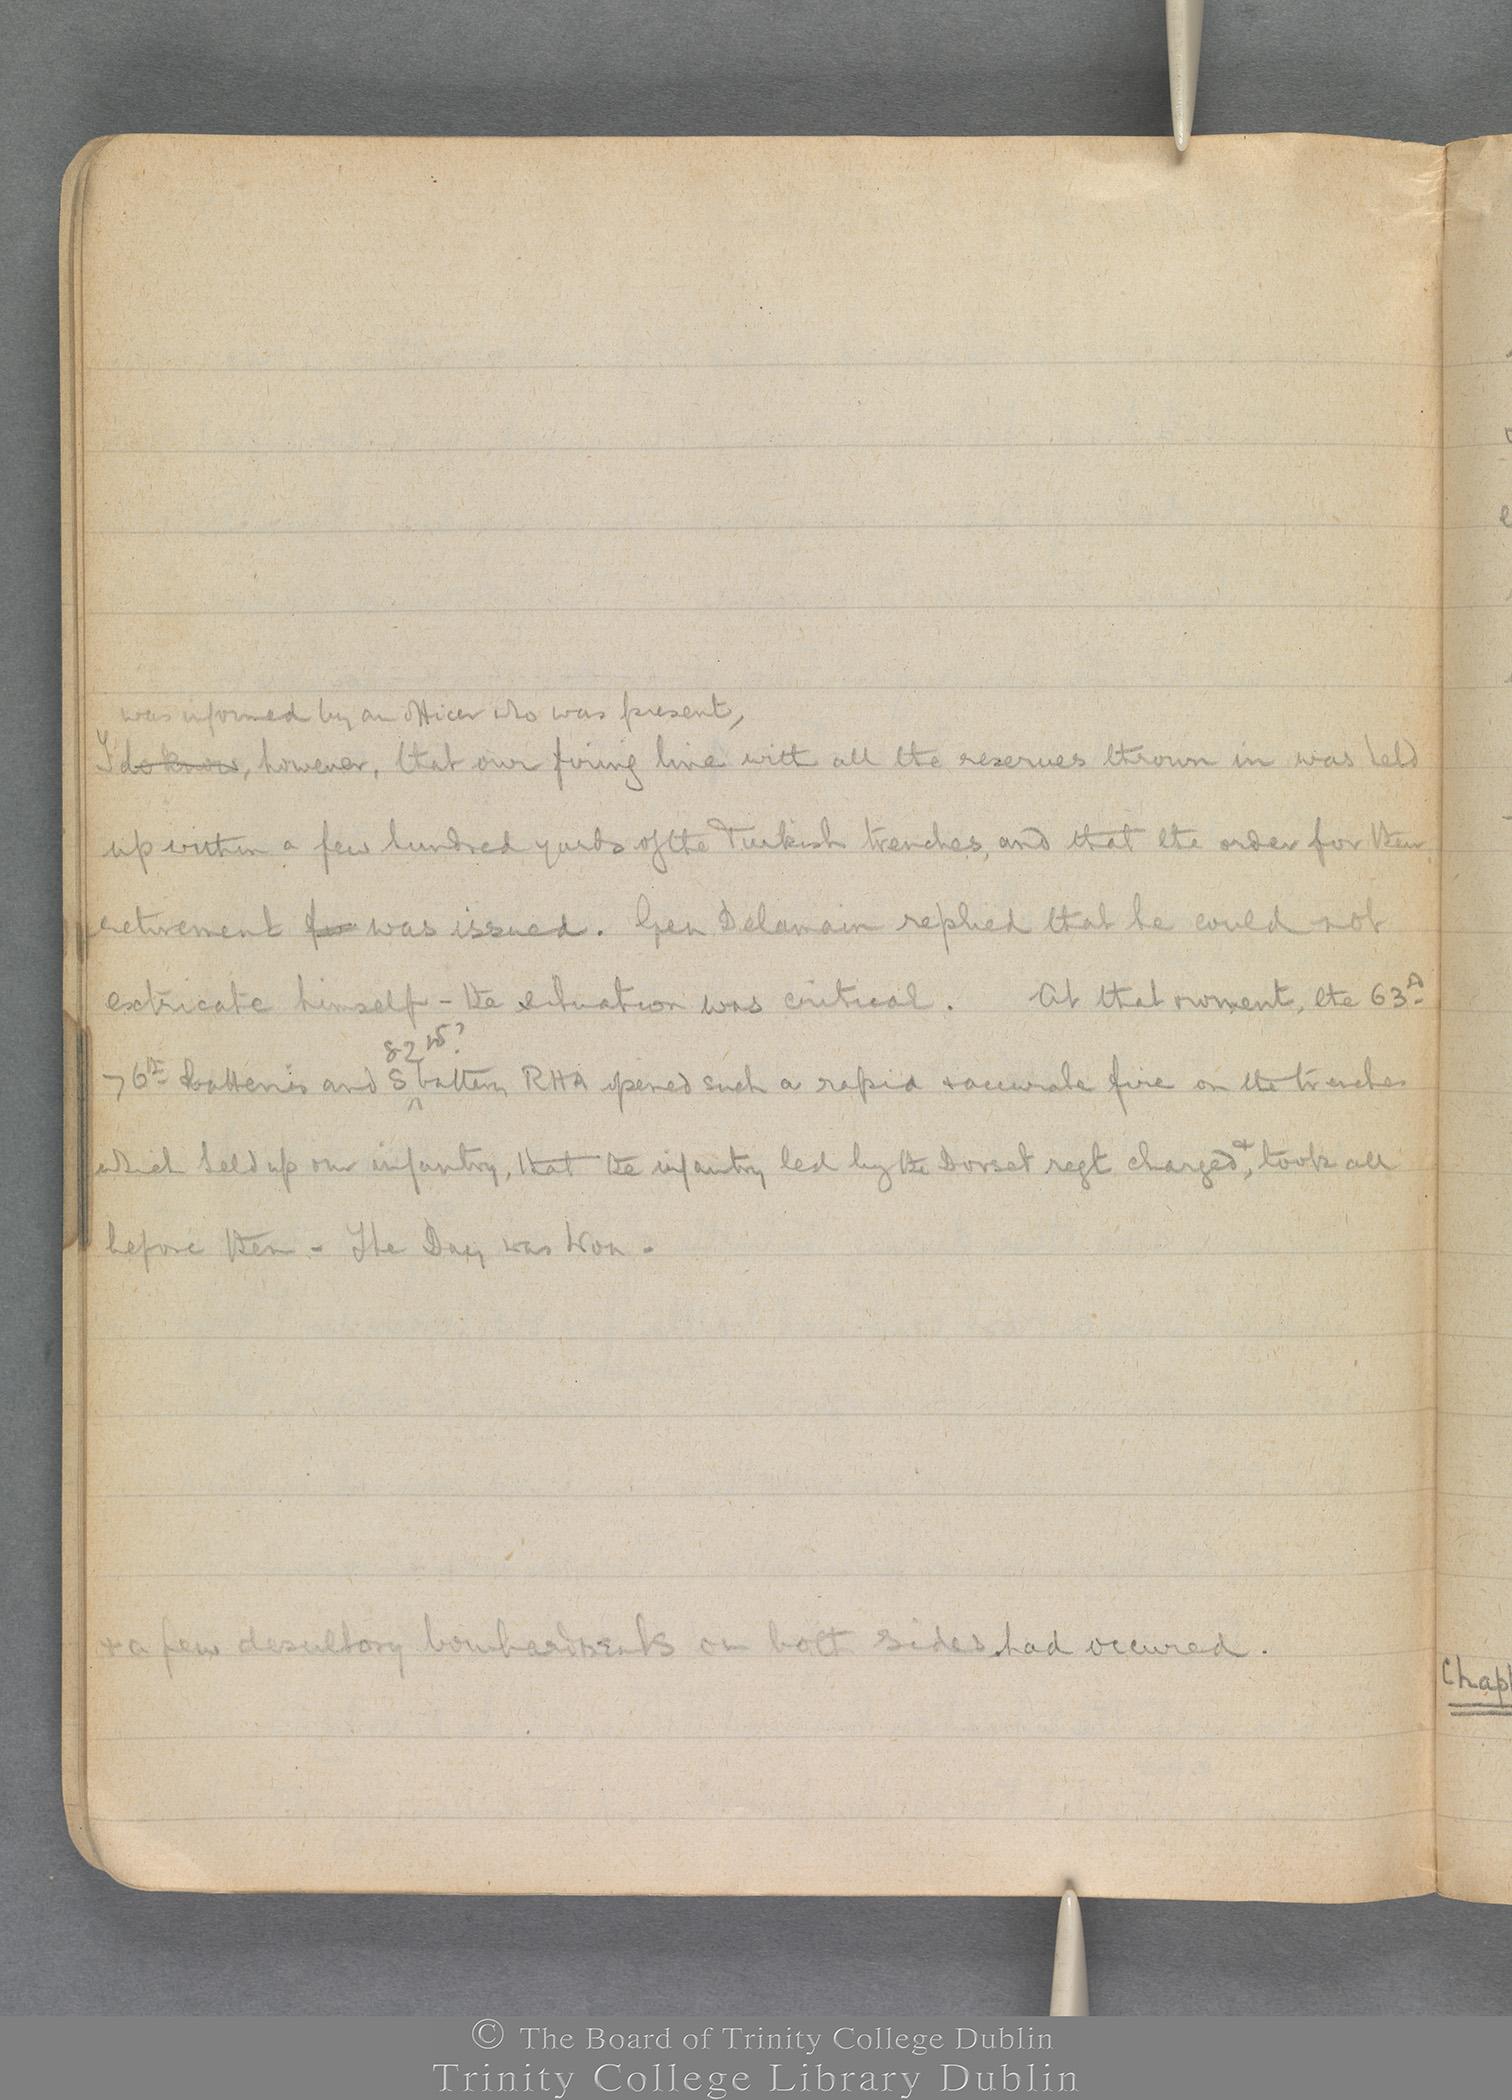 TCD MS 3414 folio 7 verso